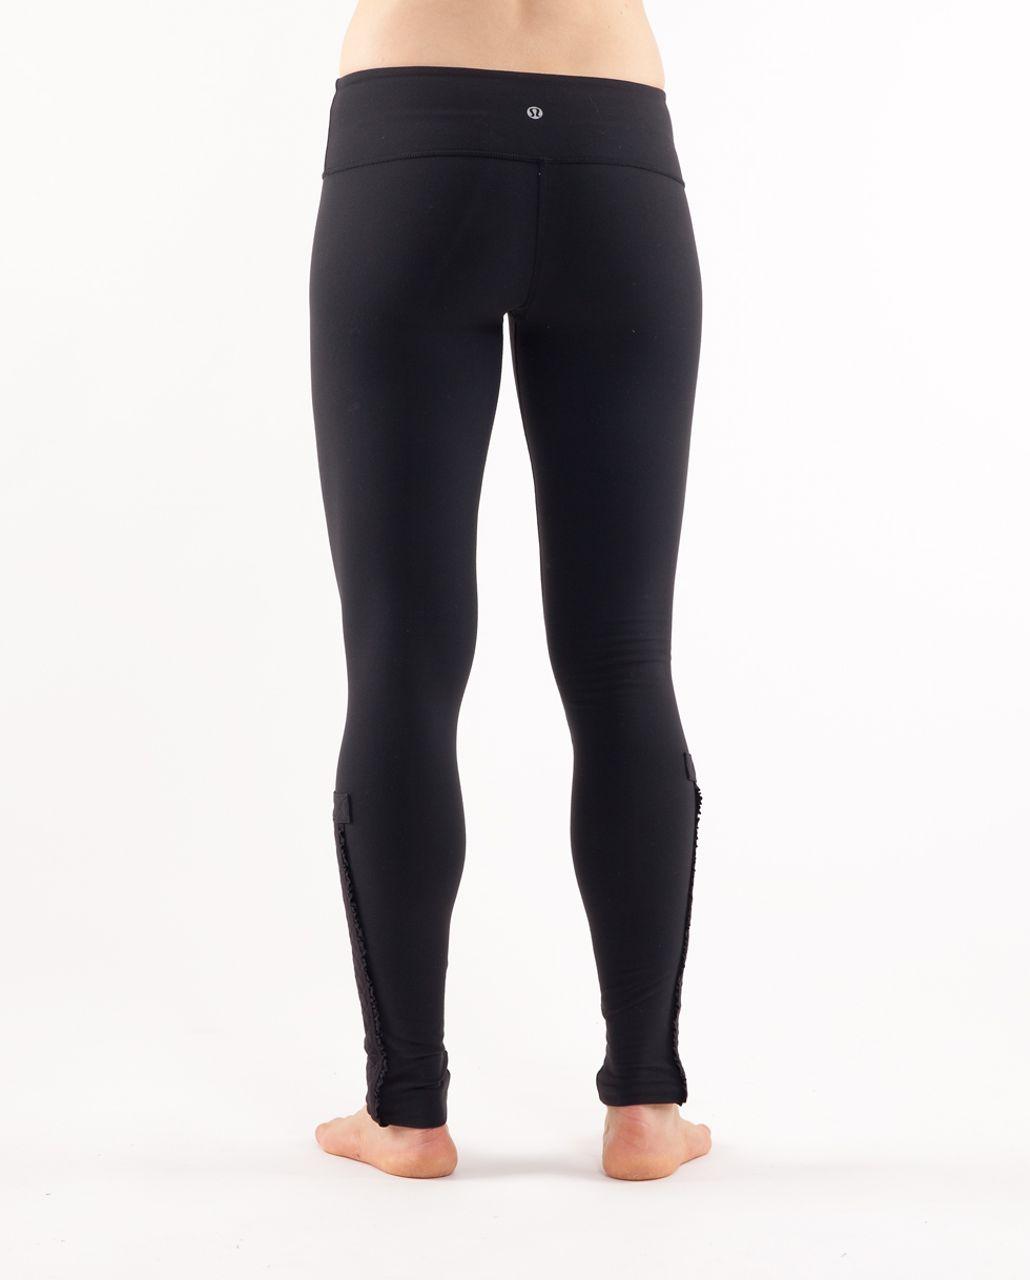 Lululemon Wunder Under Pant *Quilted - Black